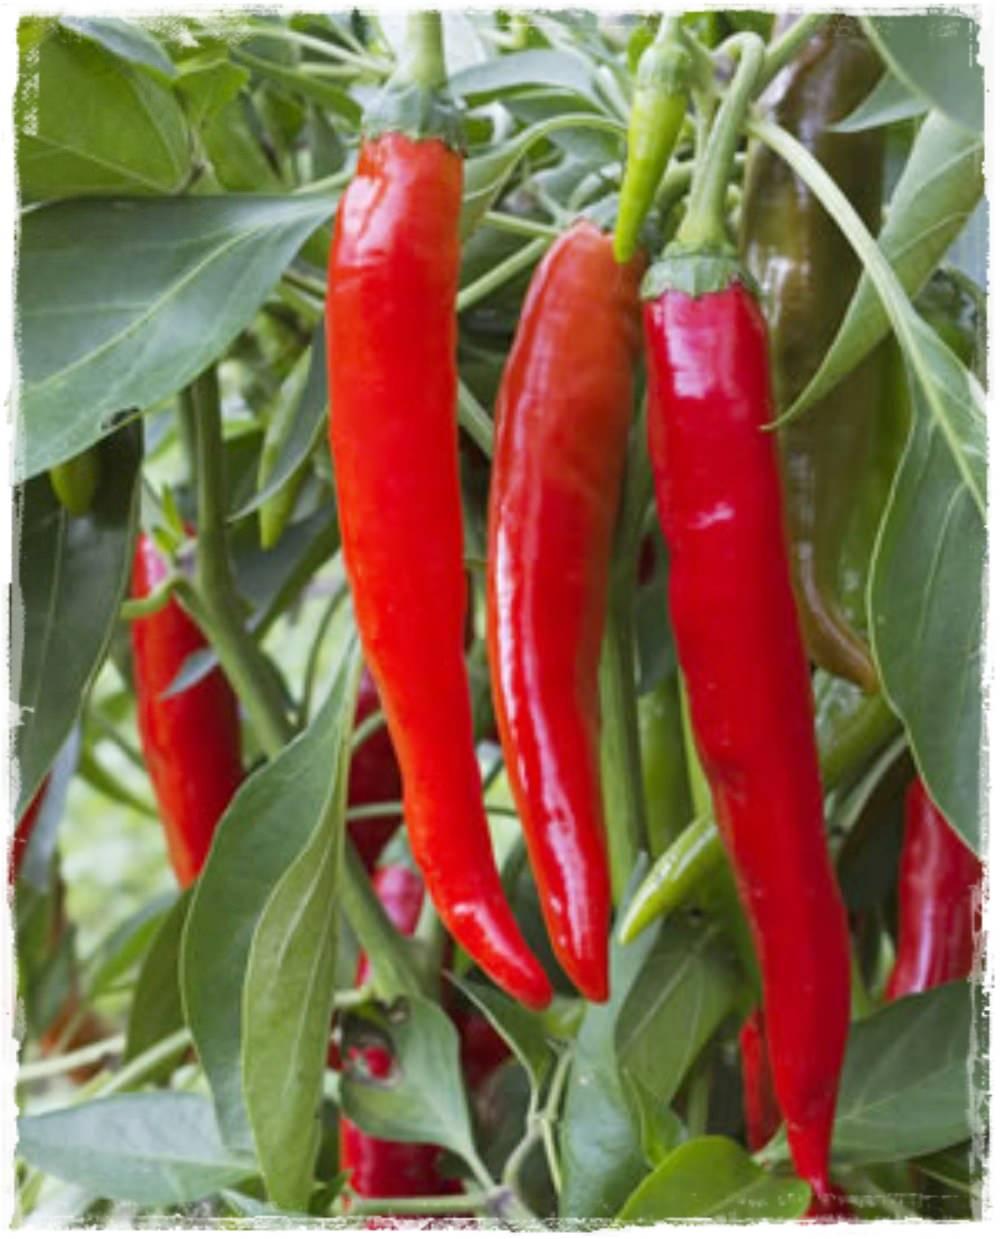 il pepe di cayenna utilizza nella perdita di peso